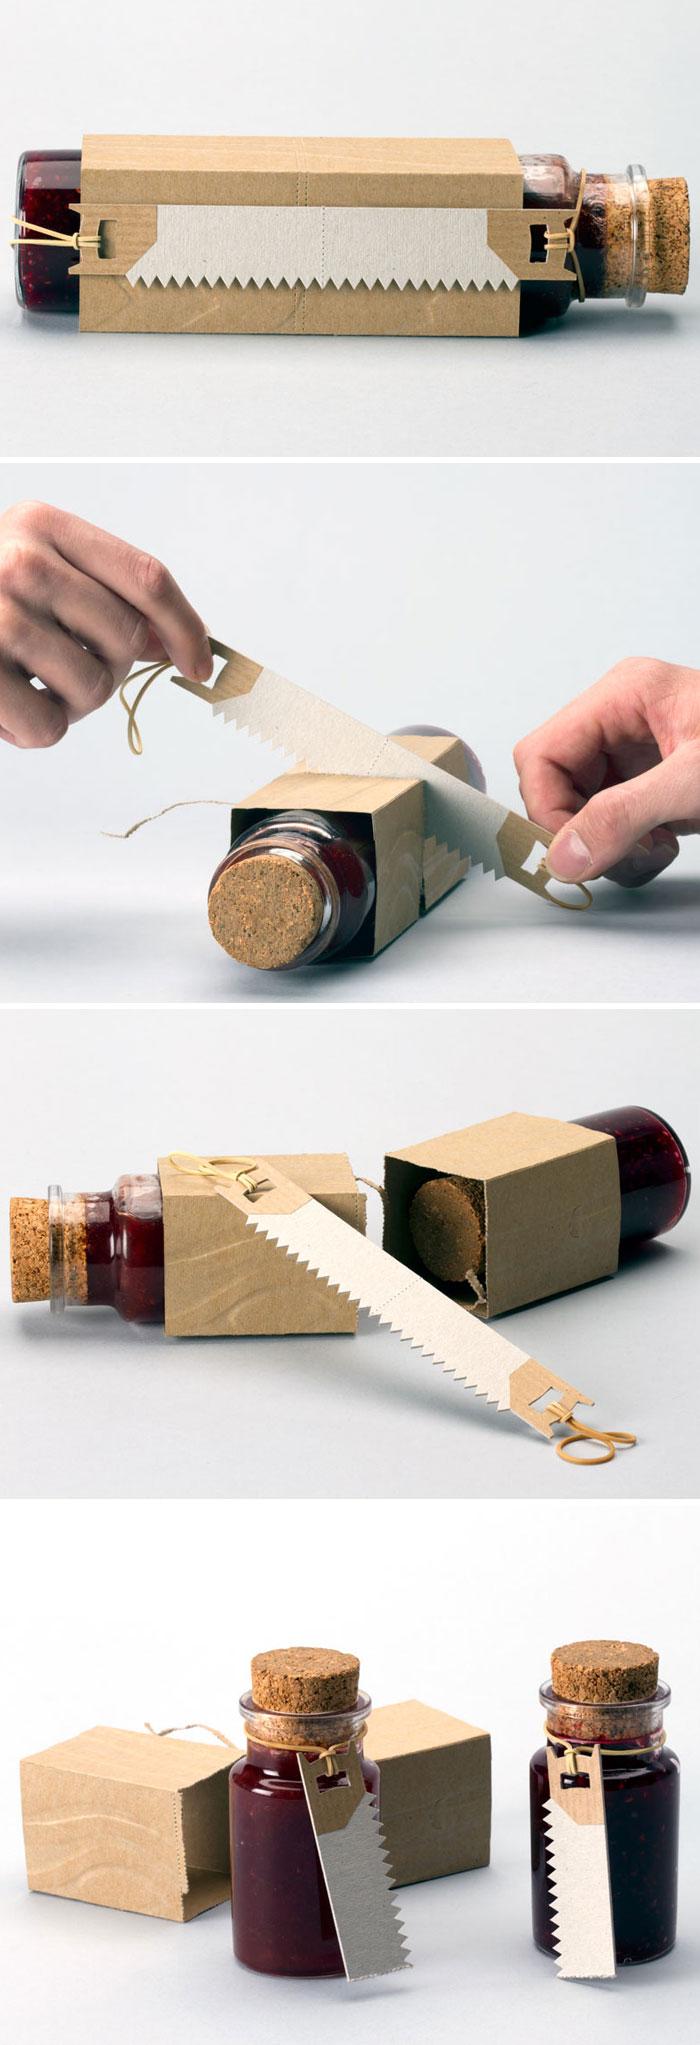 Вот такая нескучная упаковка для баночек с джемом.